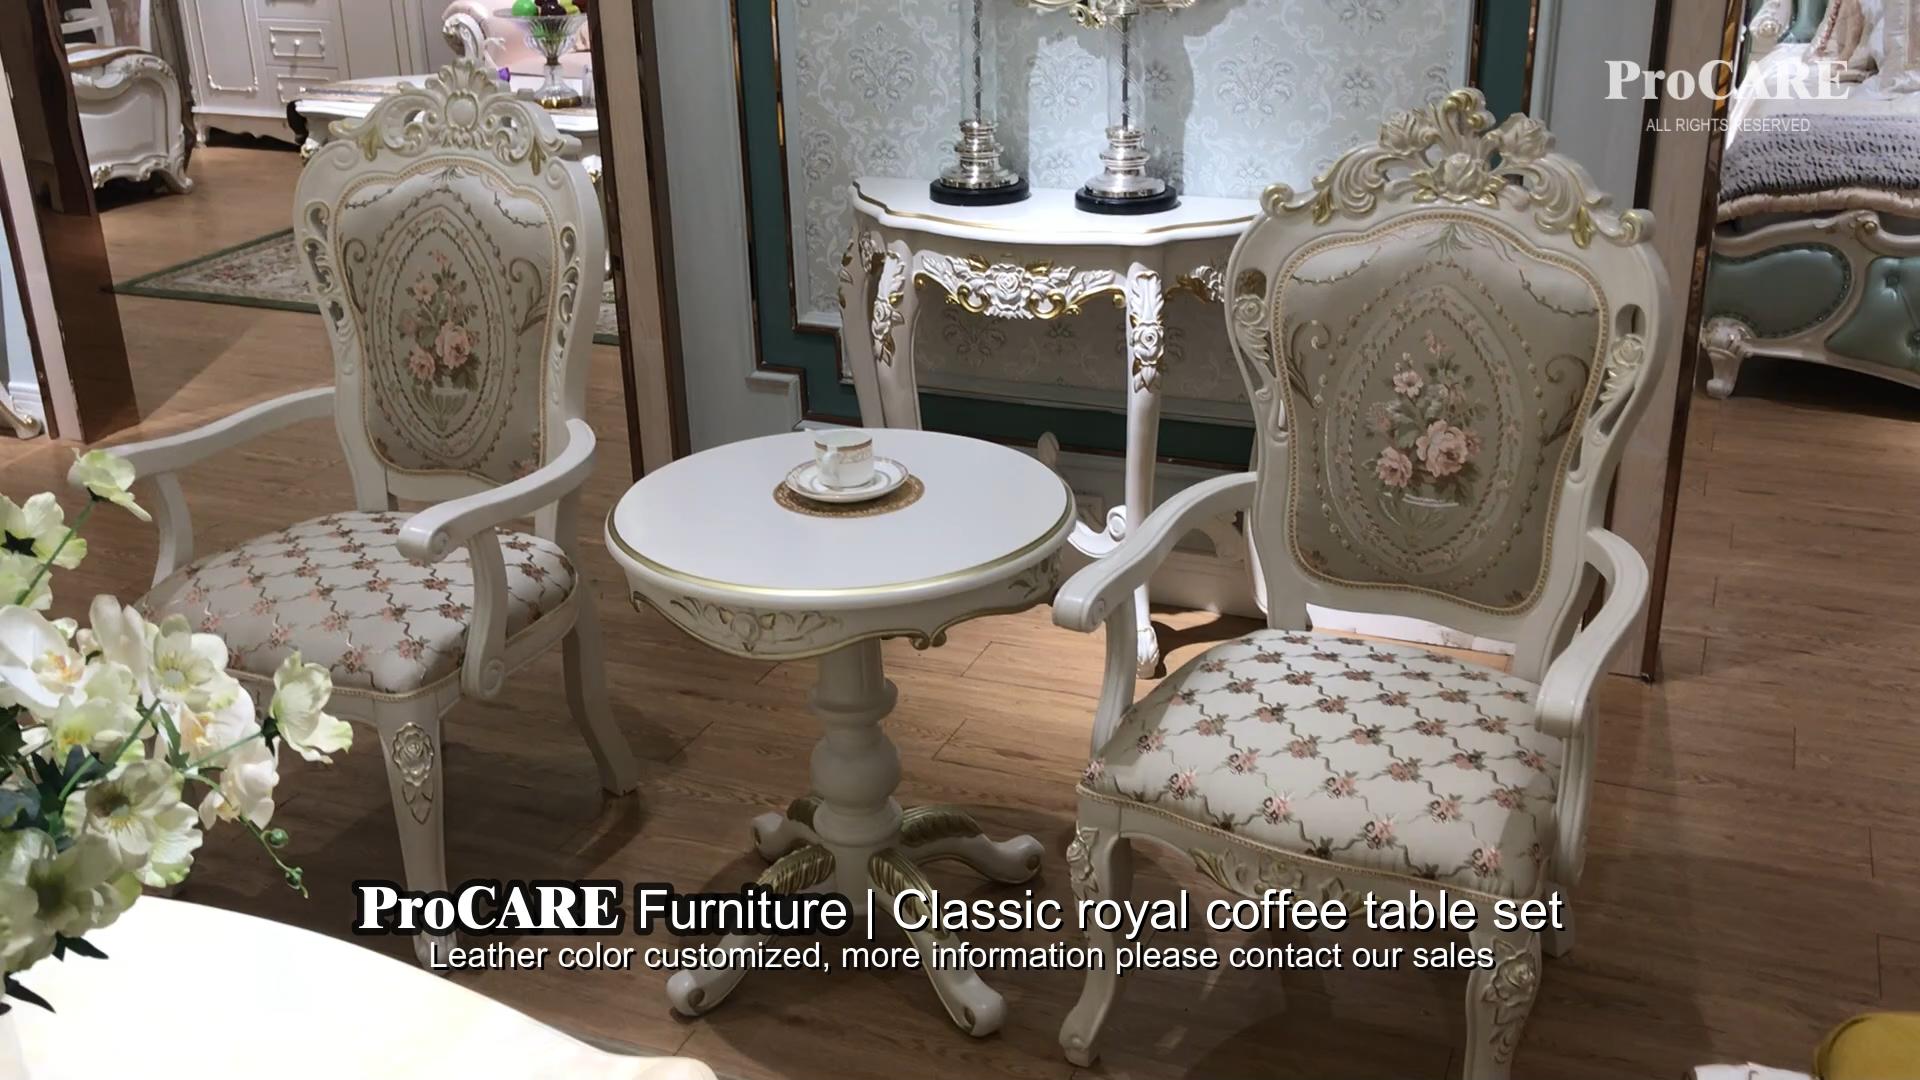 Modern luxury novo design design de alta volta do vintage esculpida cadeira de jantar de madeira maciça preço